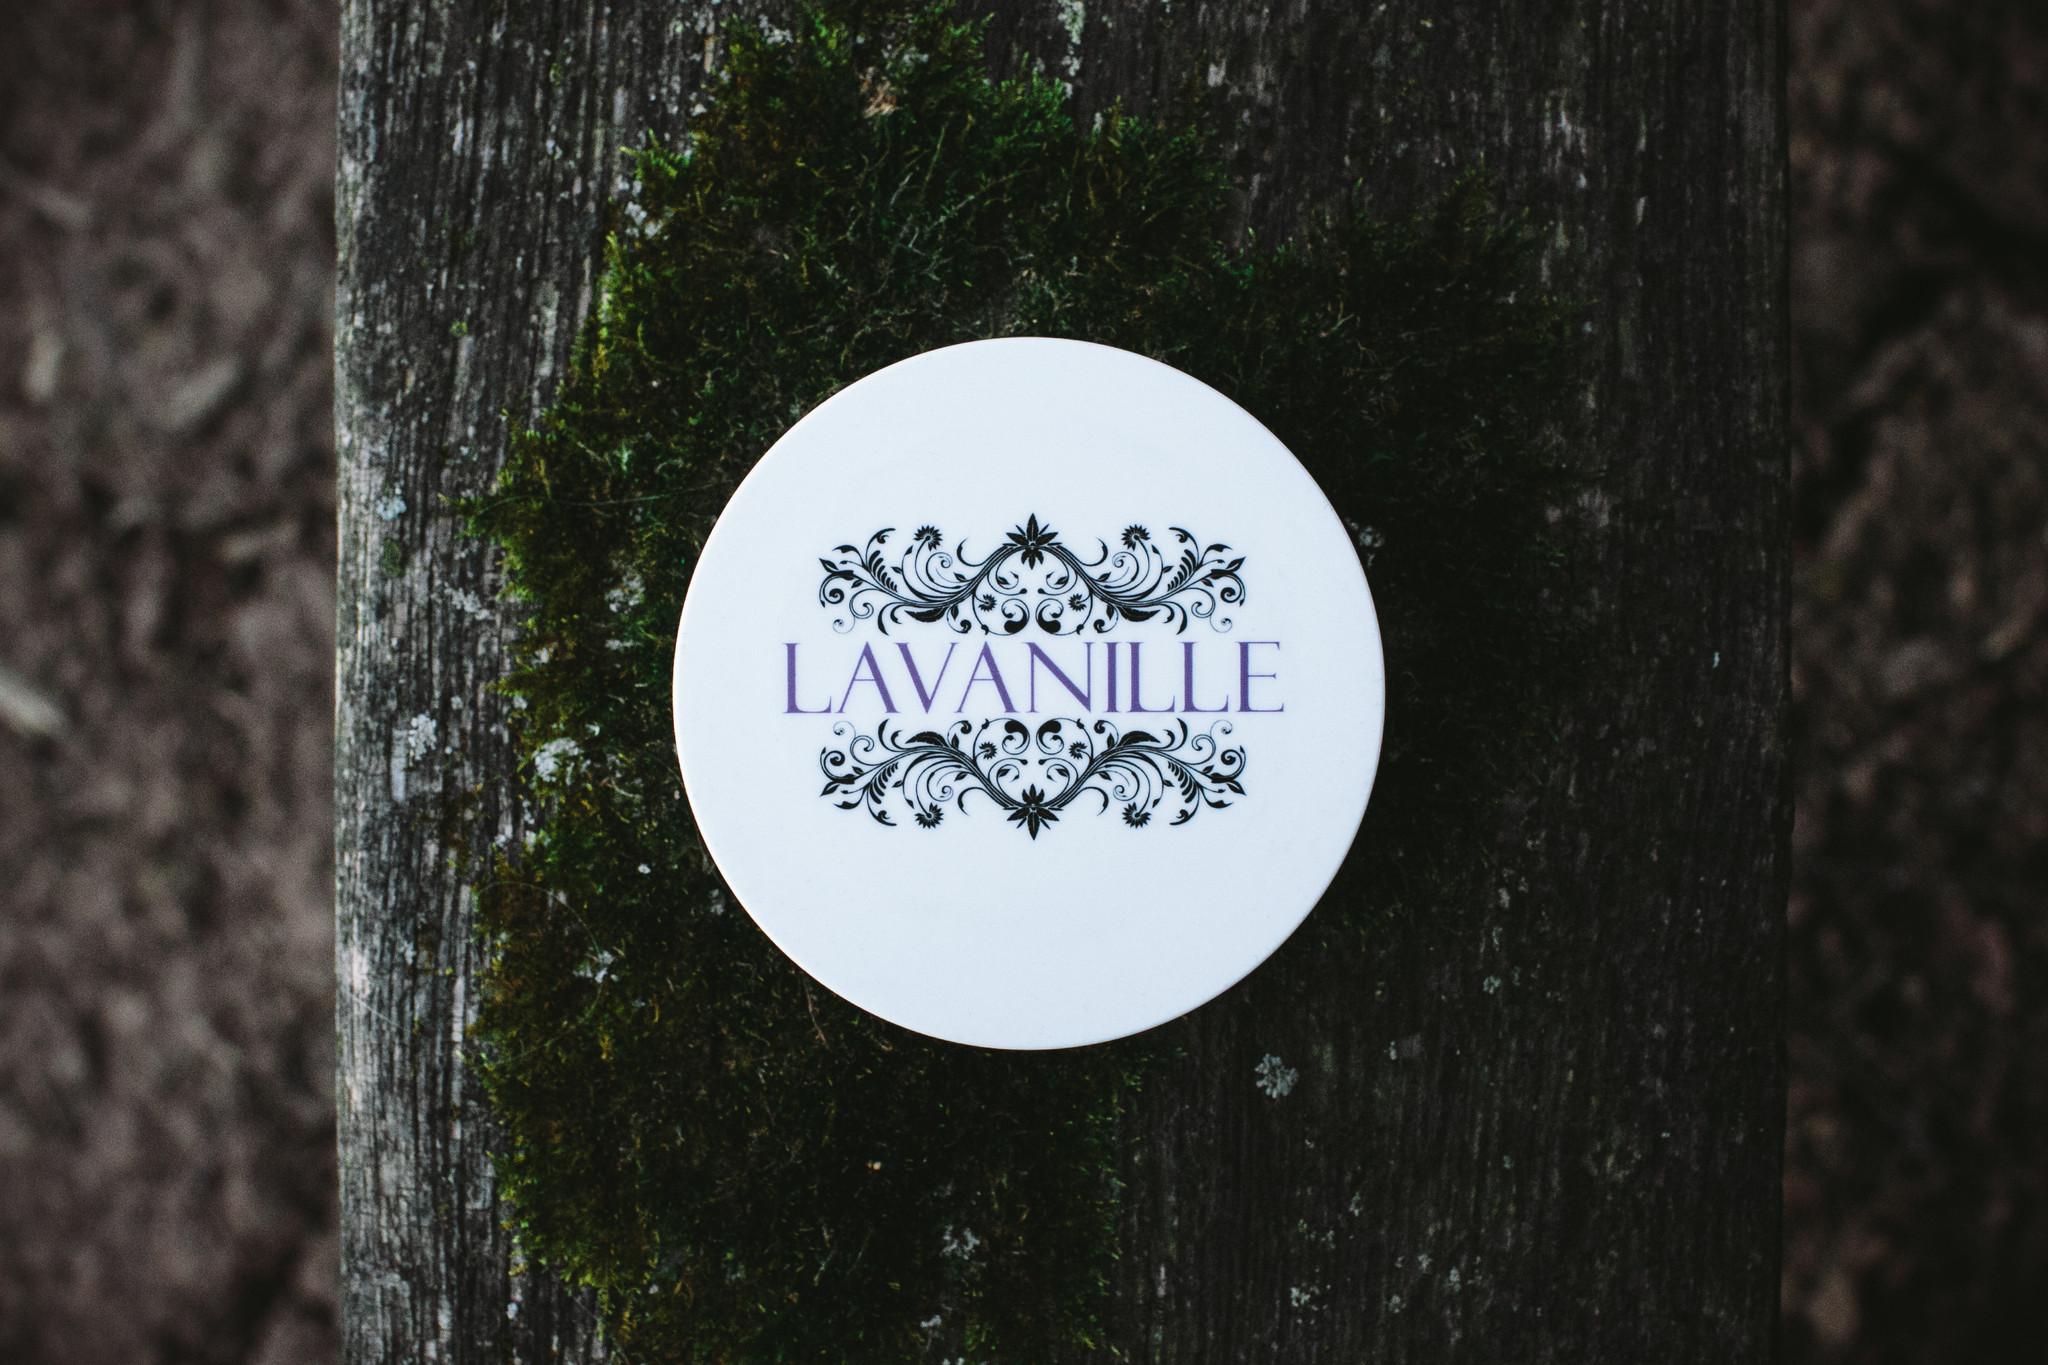 Barrister & Mann Lavanille Shaving Soap Review